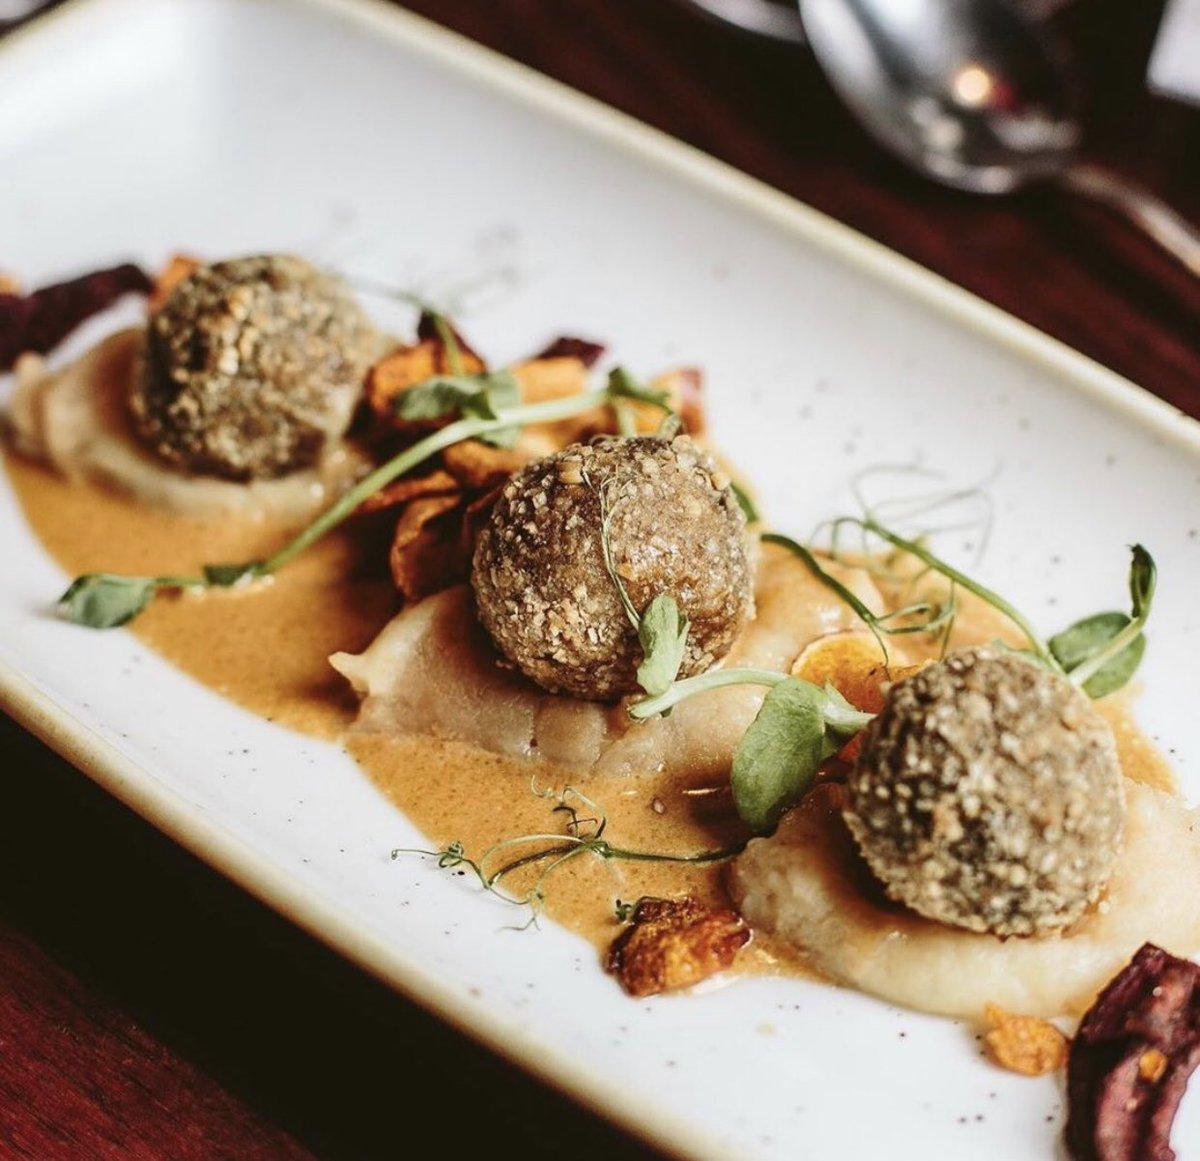 Dining in Edinburgh's West End 🍴   Haggis Bon Bons 🏴 at @GhillieDhuEdi   #edinburgh #edinburghwows #edinburghswestend